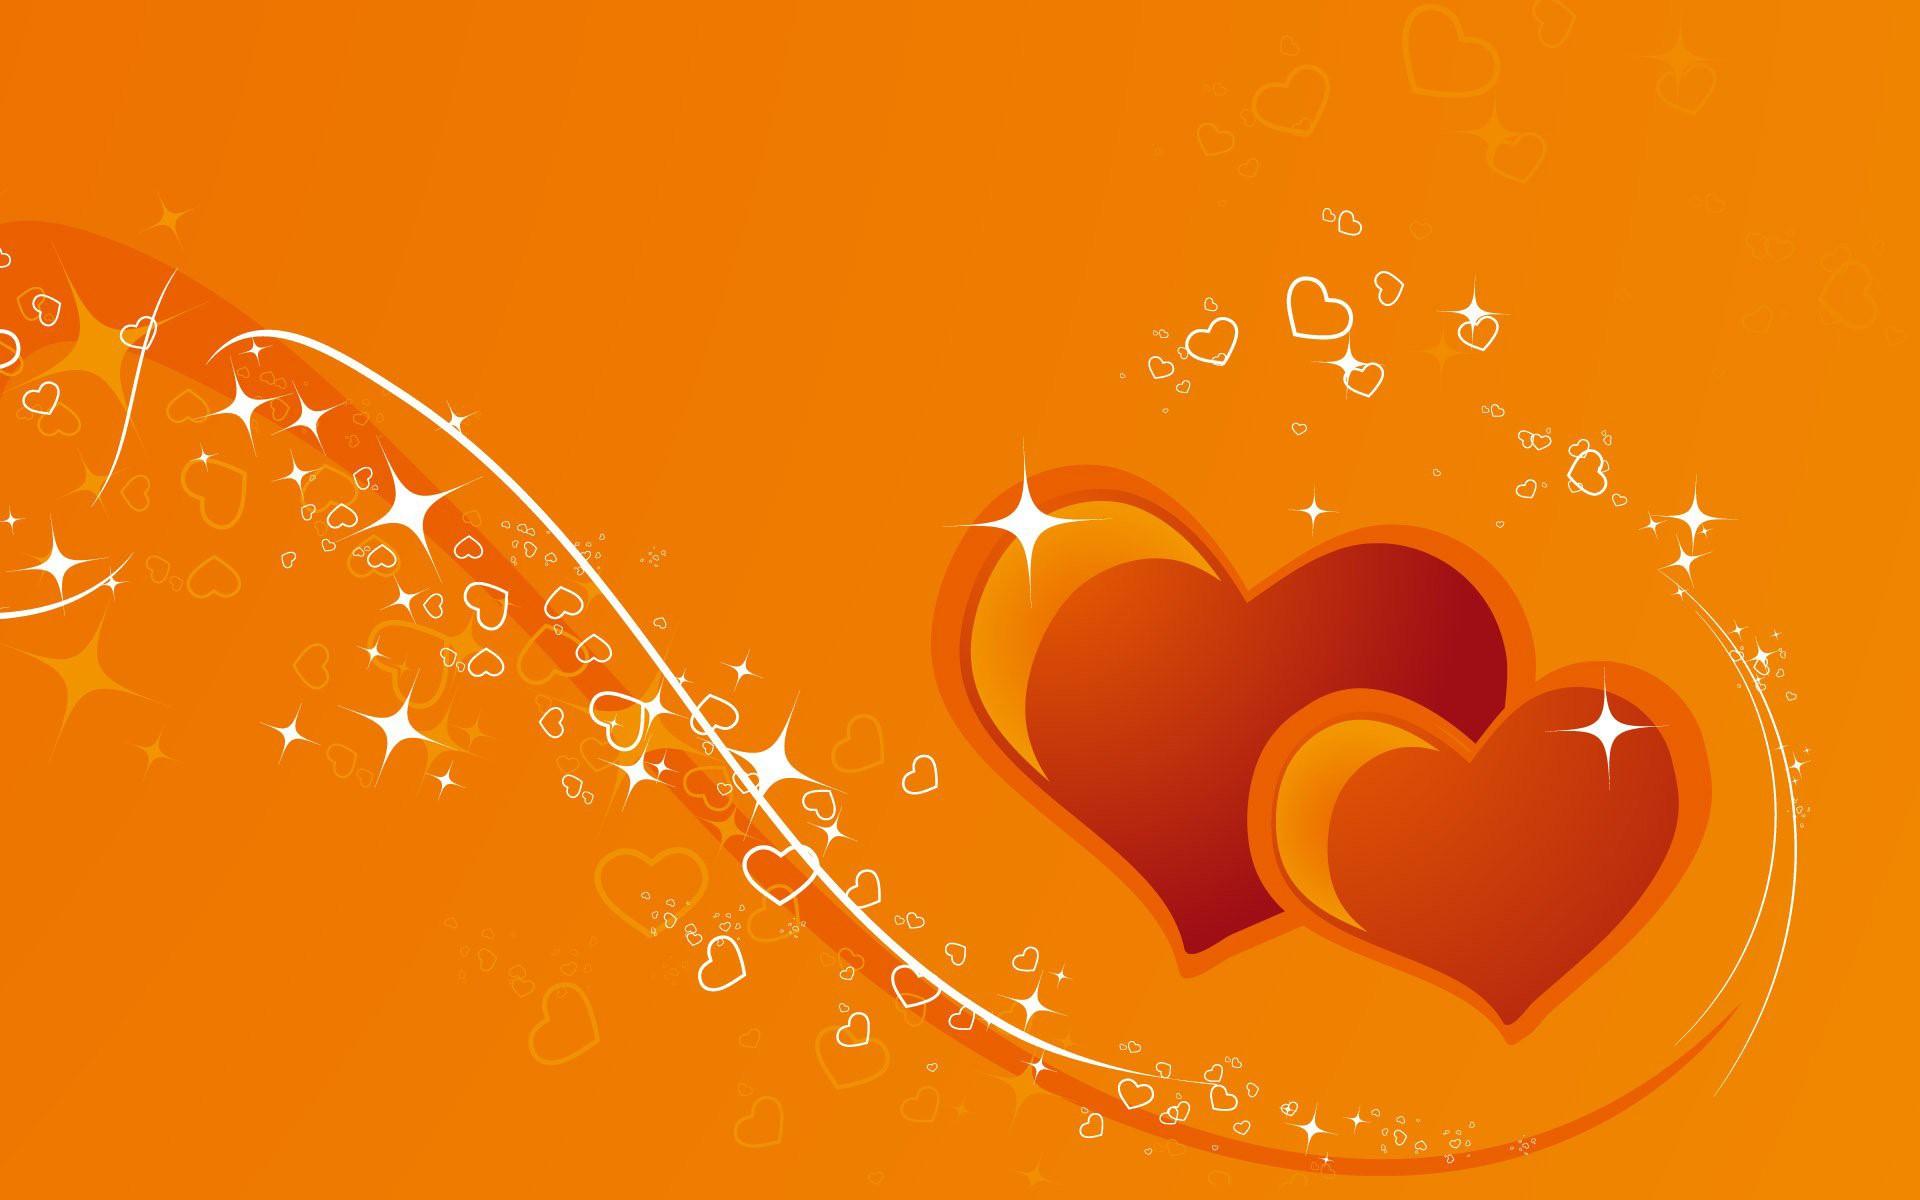 Im genes de corazones con frases de amor con movimiento y for Love theme images